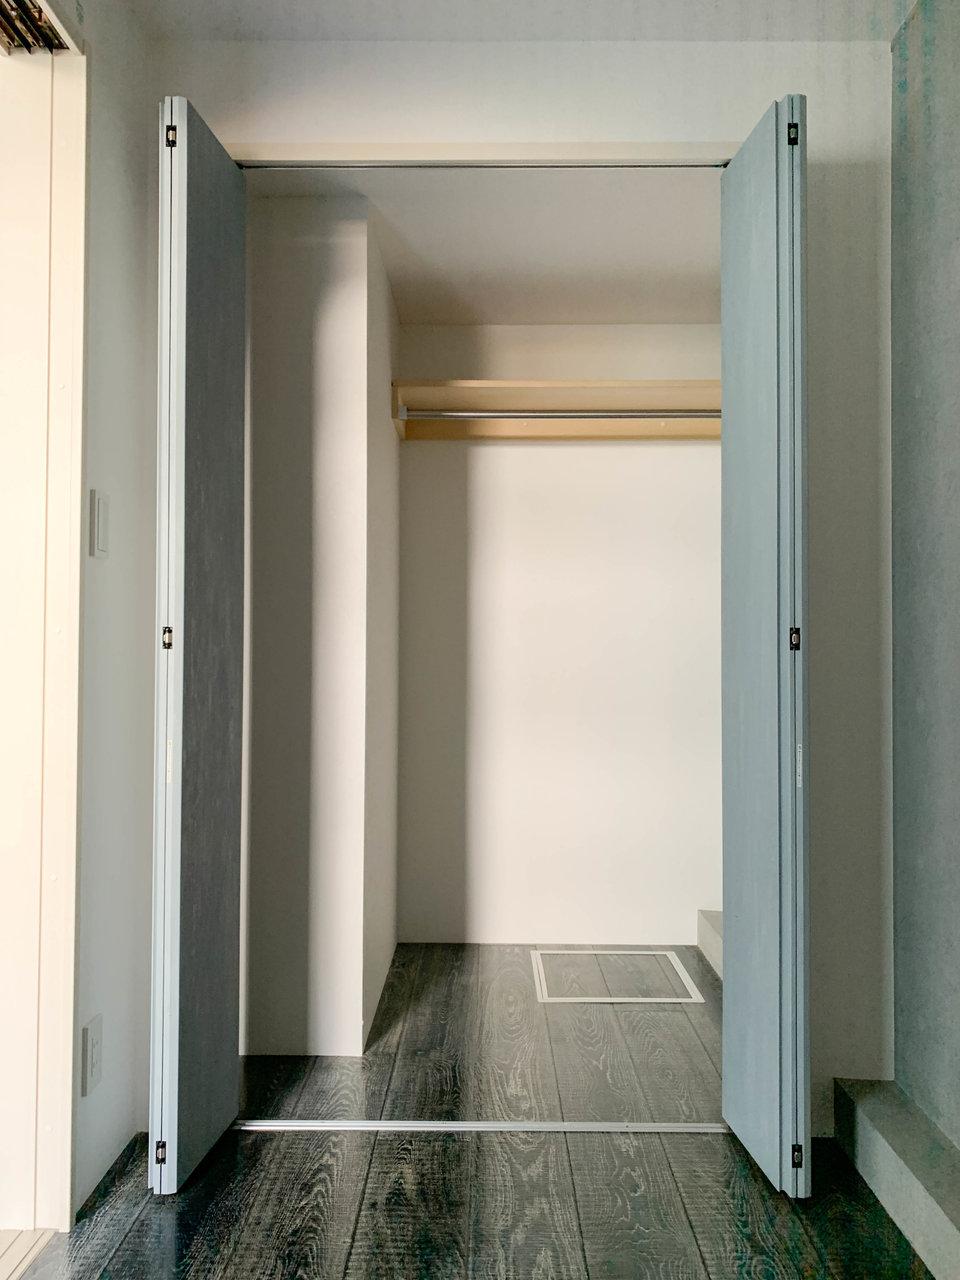 寝室の淡いブルーの扉を開ければ、奥行きのある収納スペースが。寝室自体は3.2畳。シングルベッドが置けるくらいの広さです。